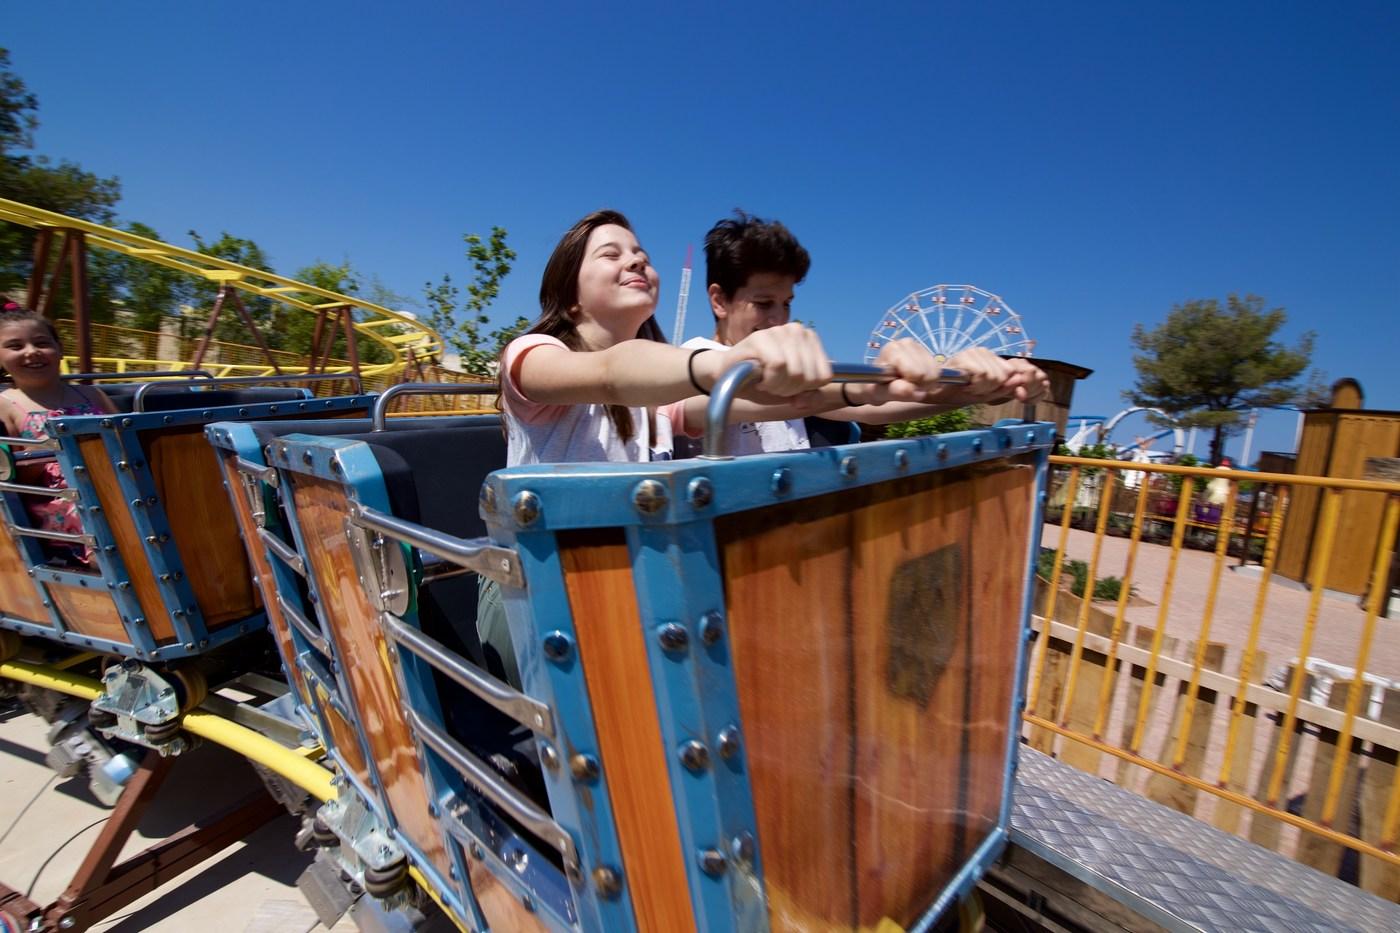 Dnevno lahko Fun Park Mirnovec obišče do 5.000 ljudi. Letno pričakujejo od 100 do 150 tisoč ljudi.